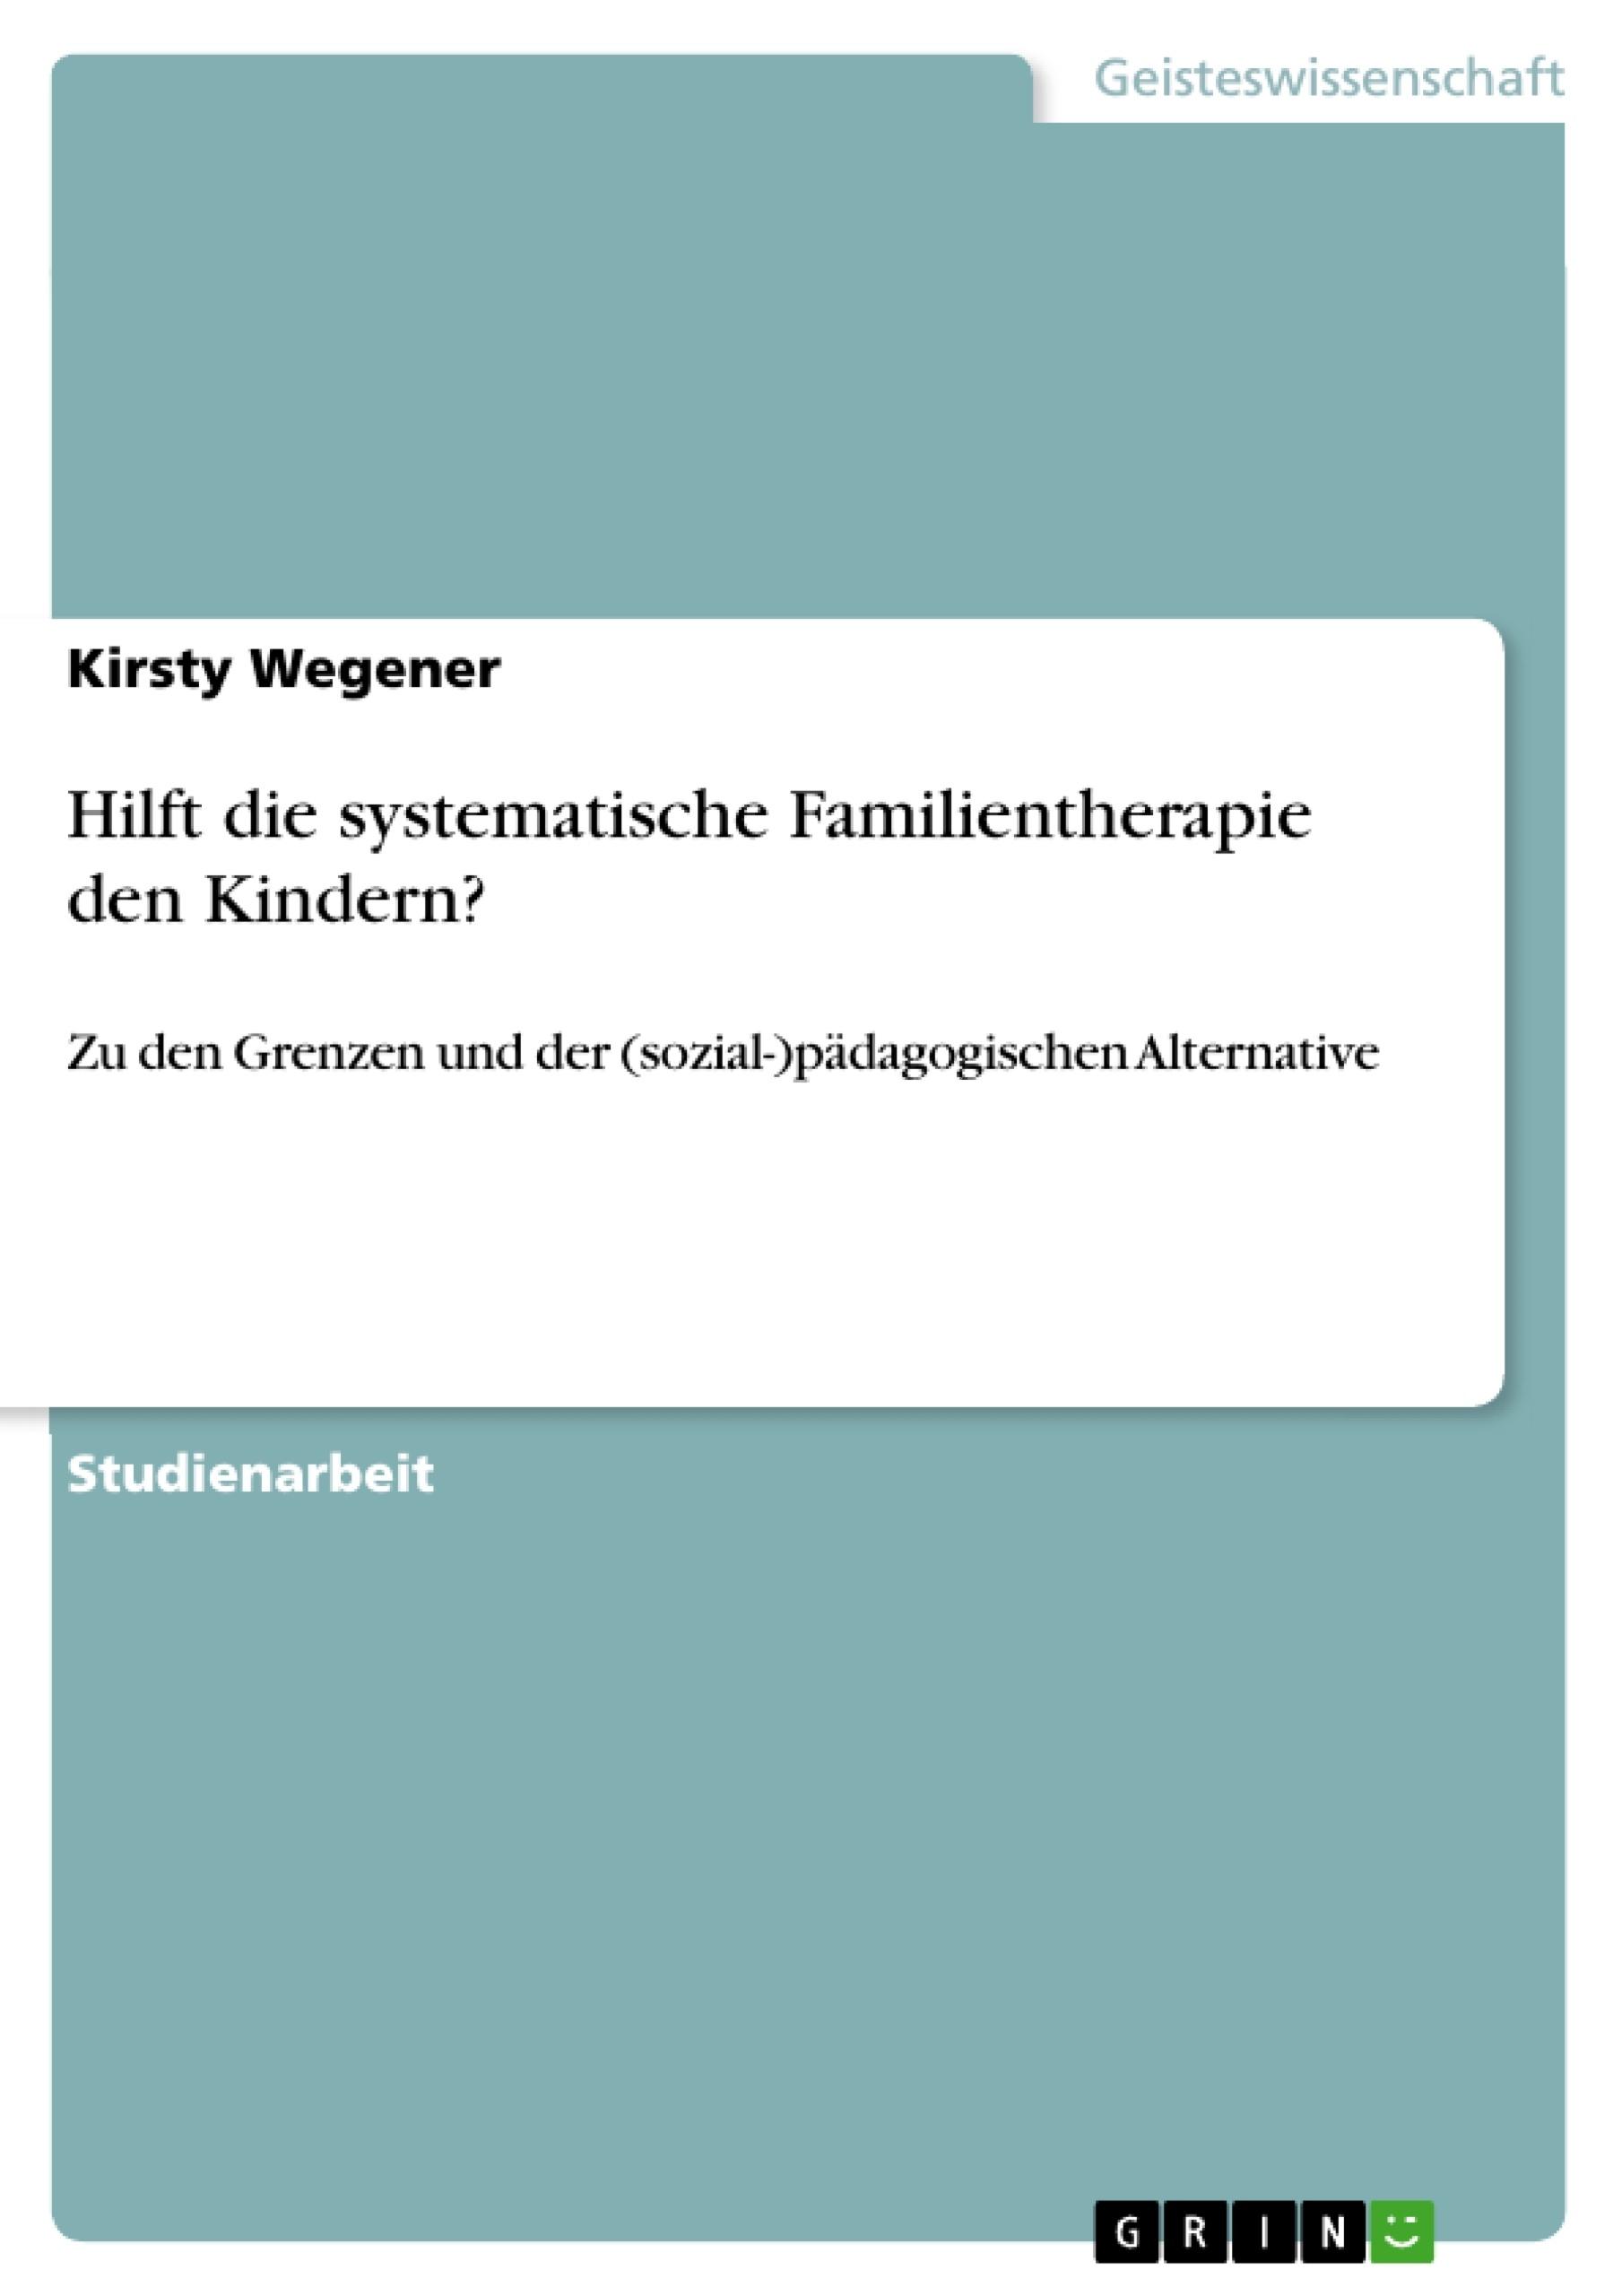 Titel: Hilft die systematische Familientherapie den Kindern?